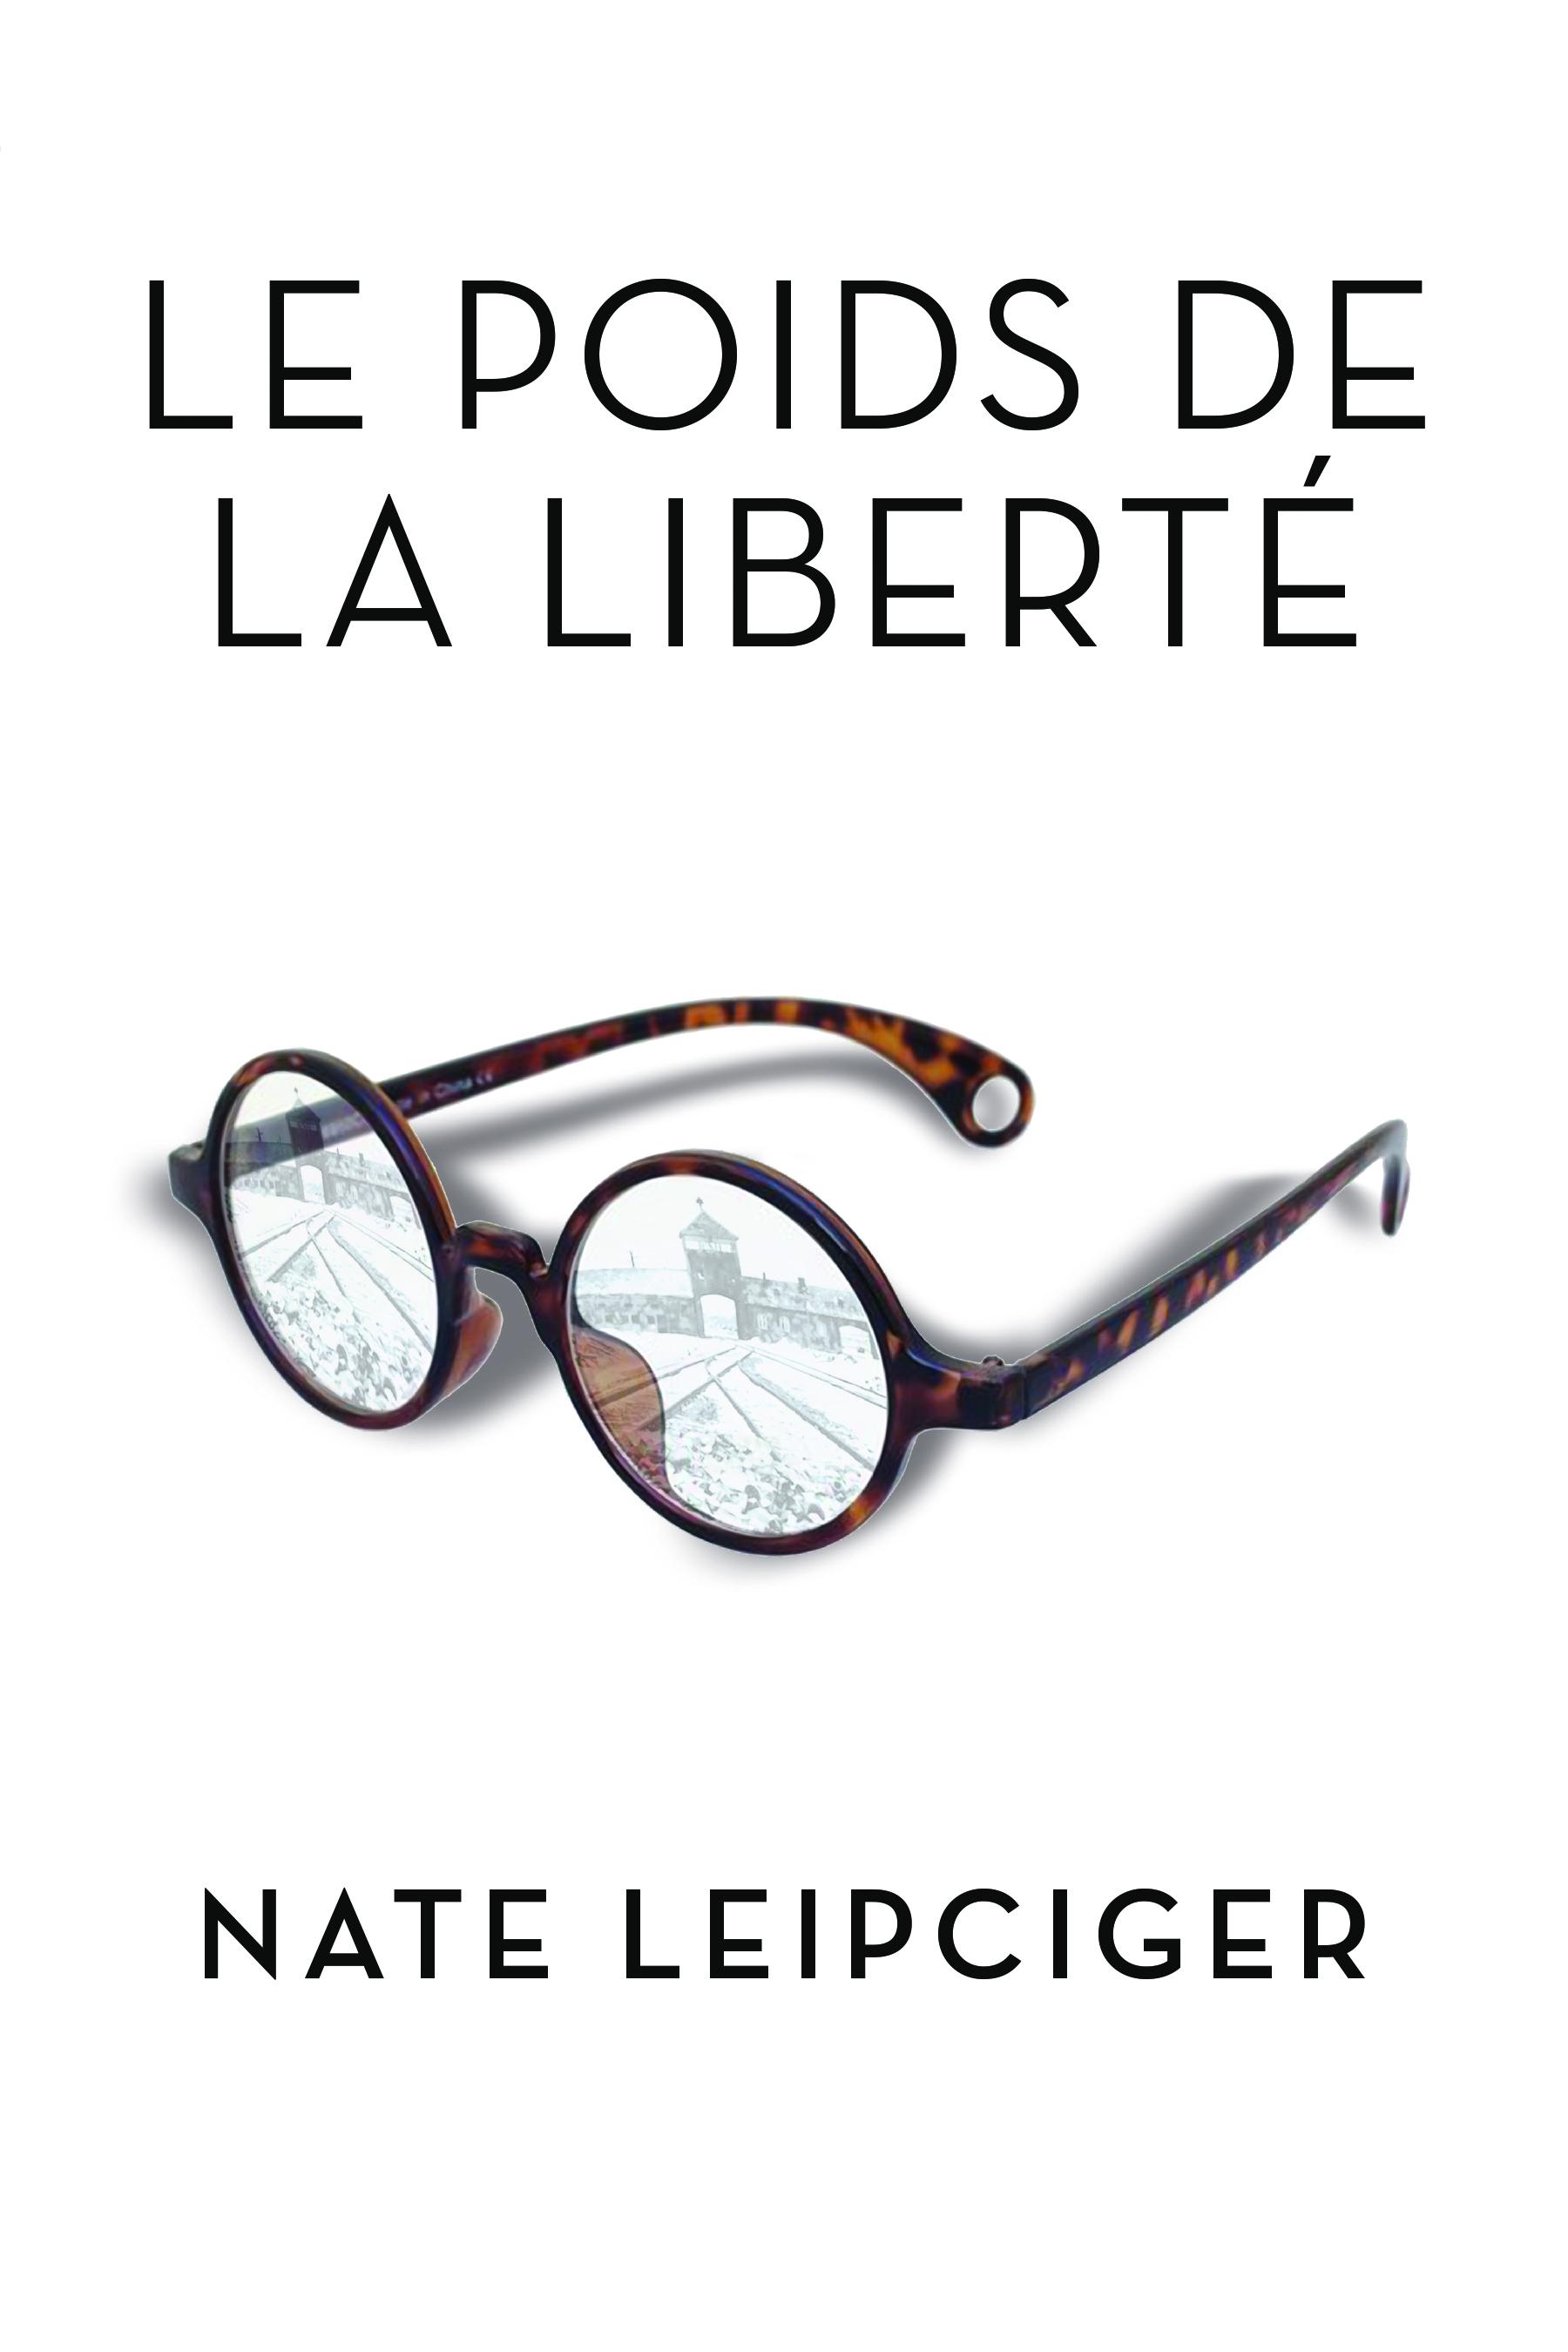 Le Poids de la liberté book cover